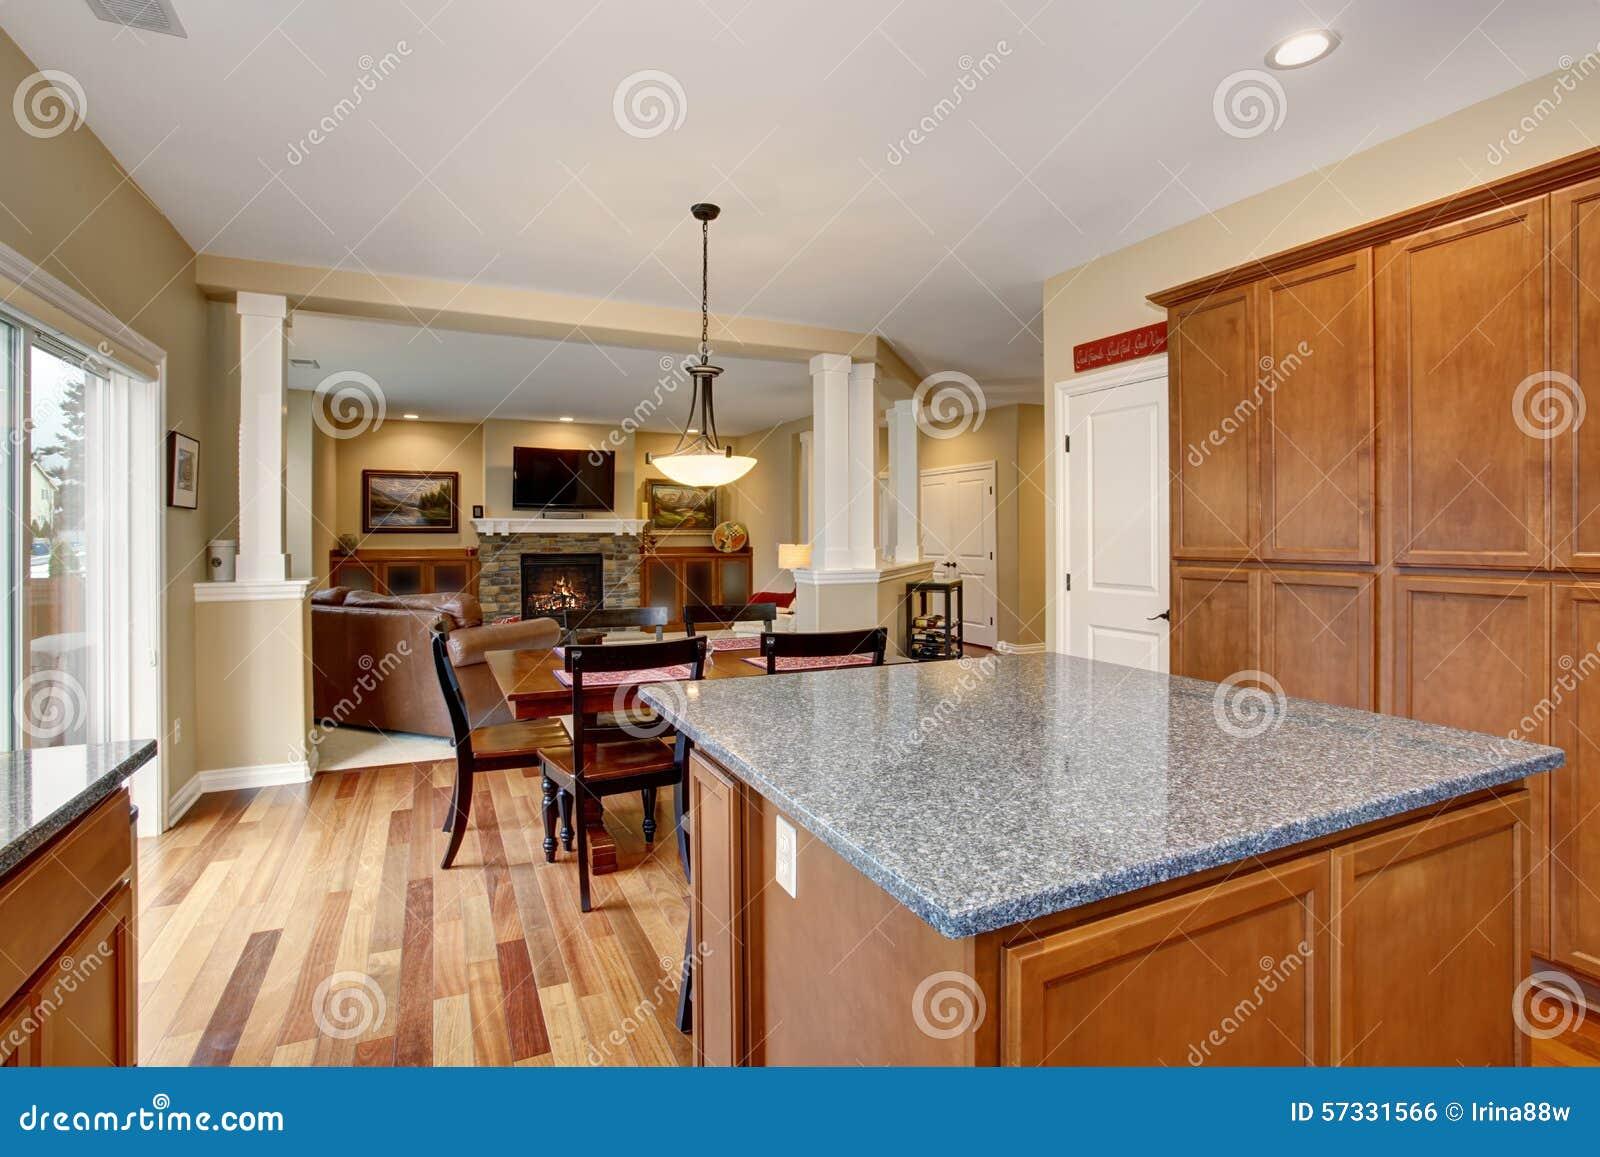 Klassische küche mit insel  und edelstahlkühlschrank stockfoto ...